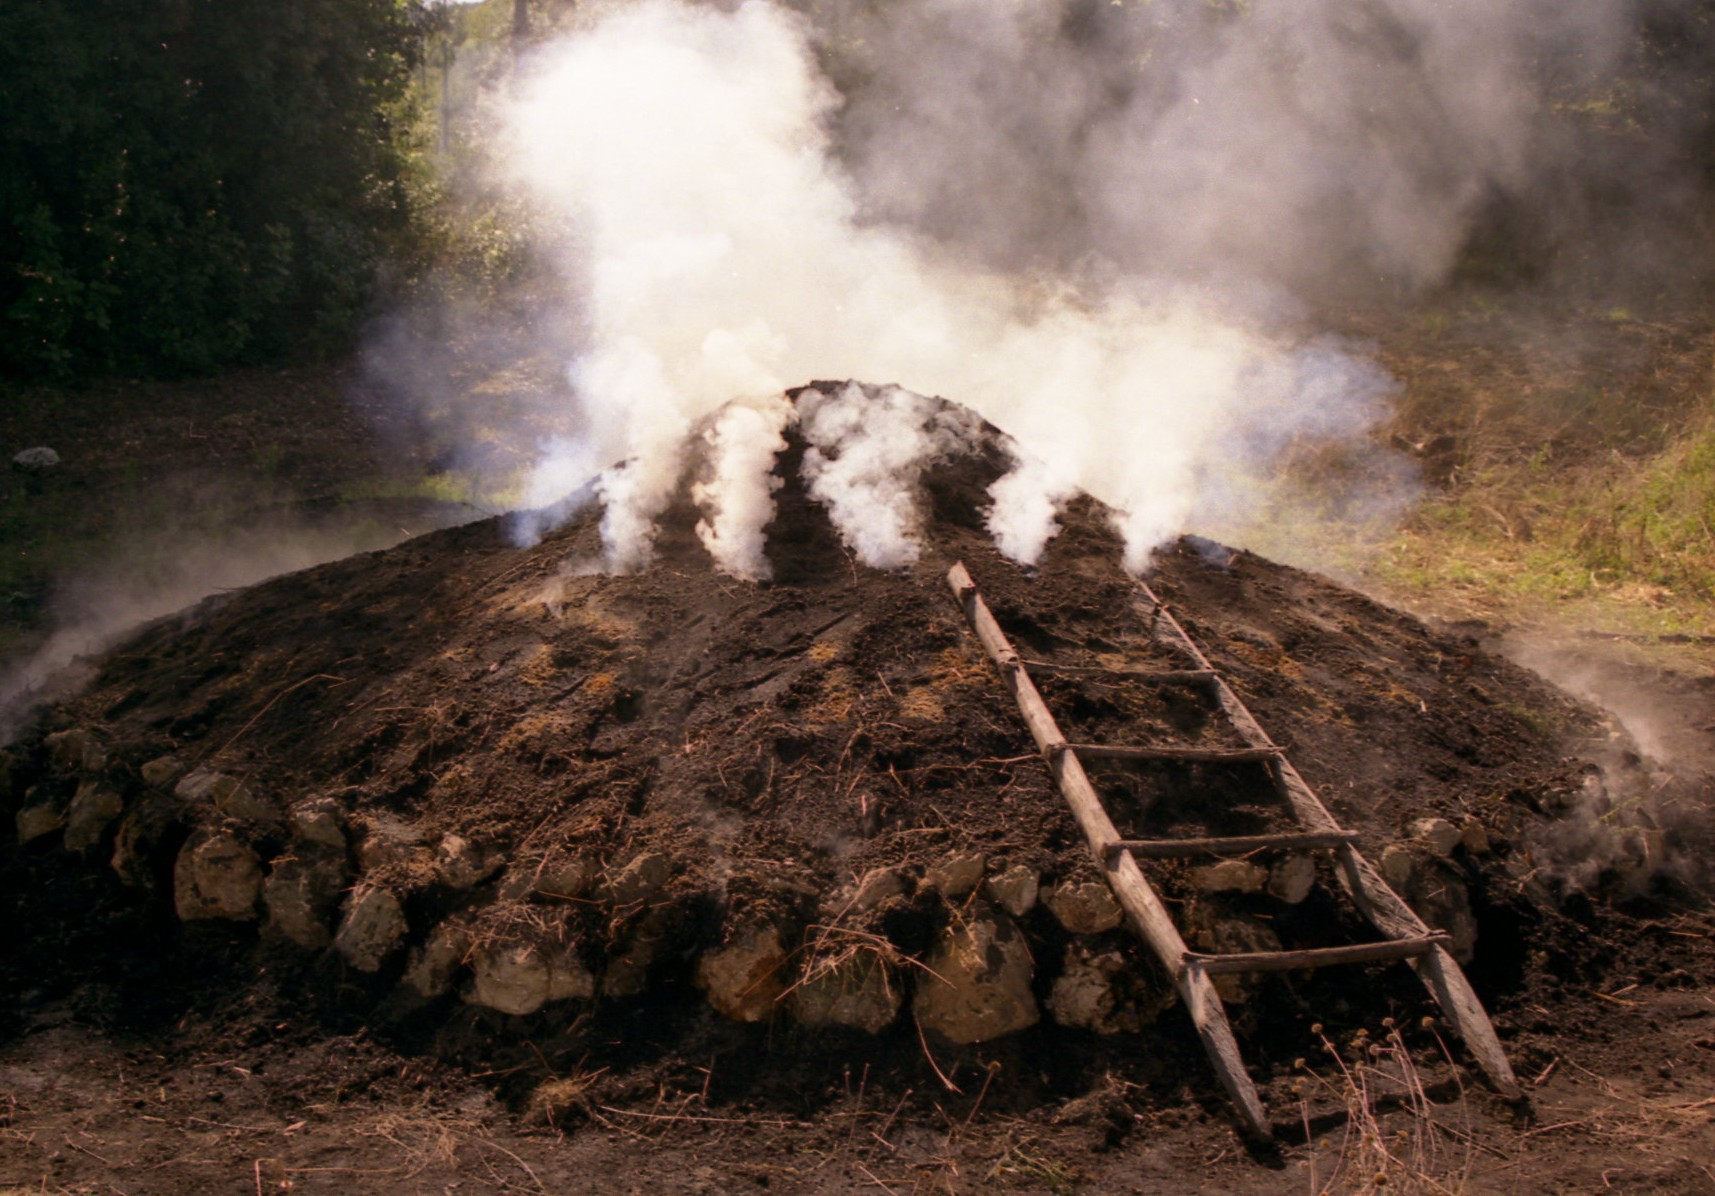 Dal primo cerchio di fori praticato alla sommità della carbonaia comincia ad uscire il fumo